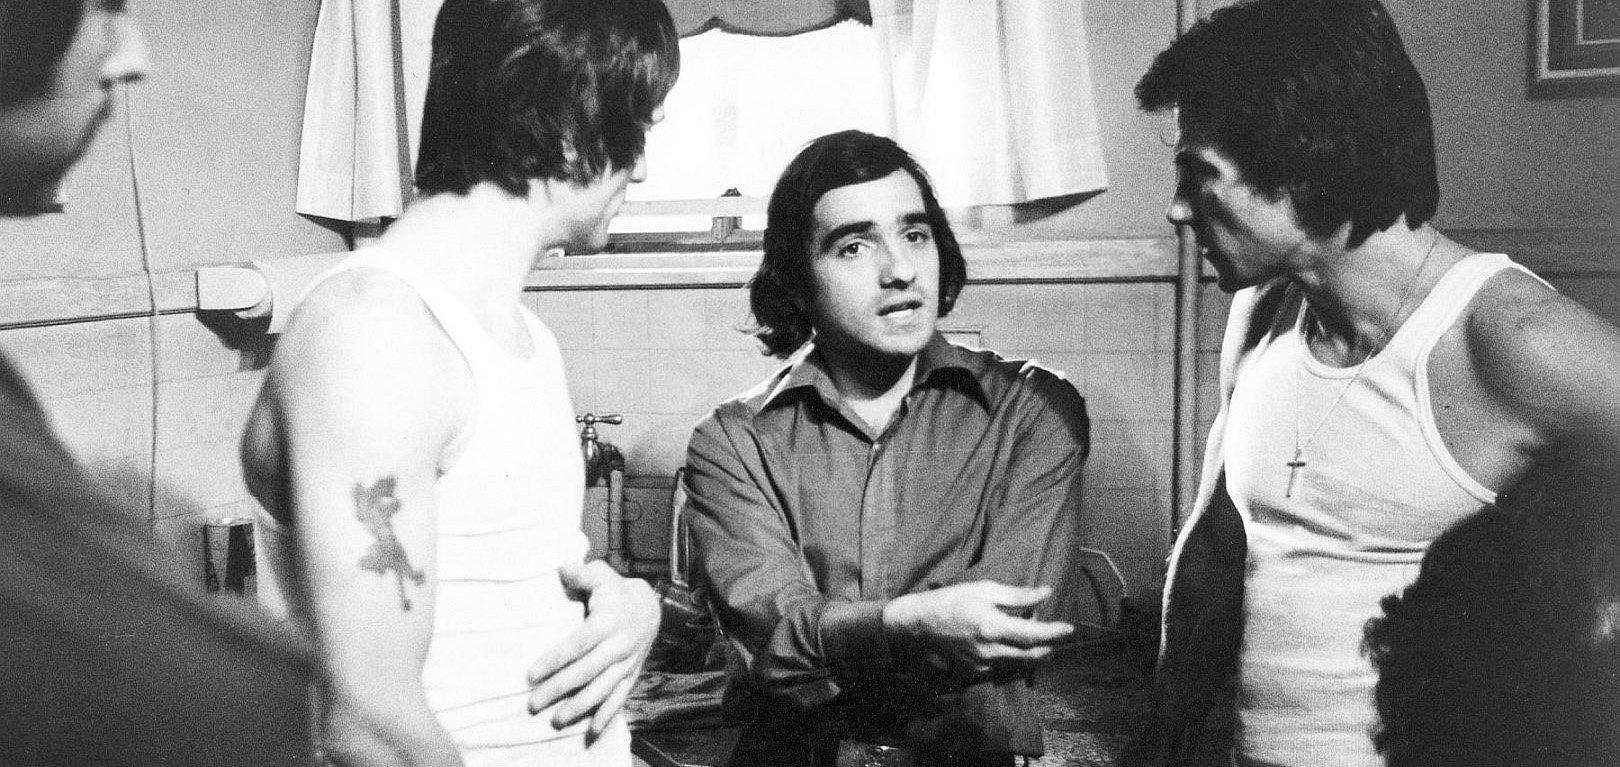 Rolling Stones & Broken Bones: How Scorsese Uses Music